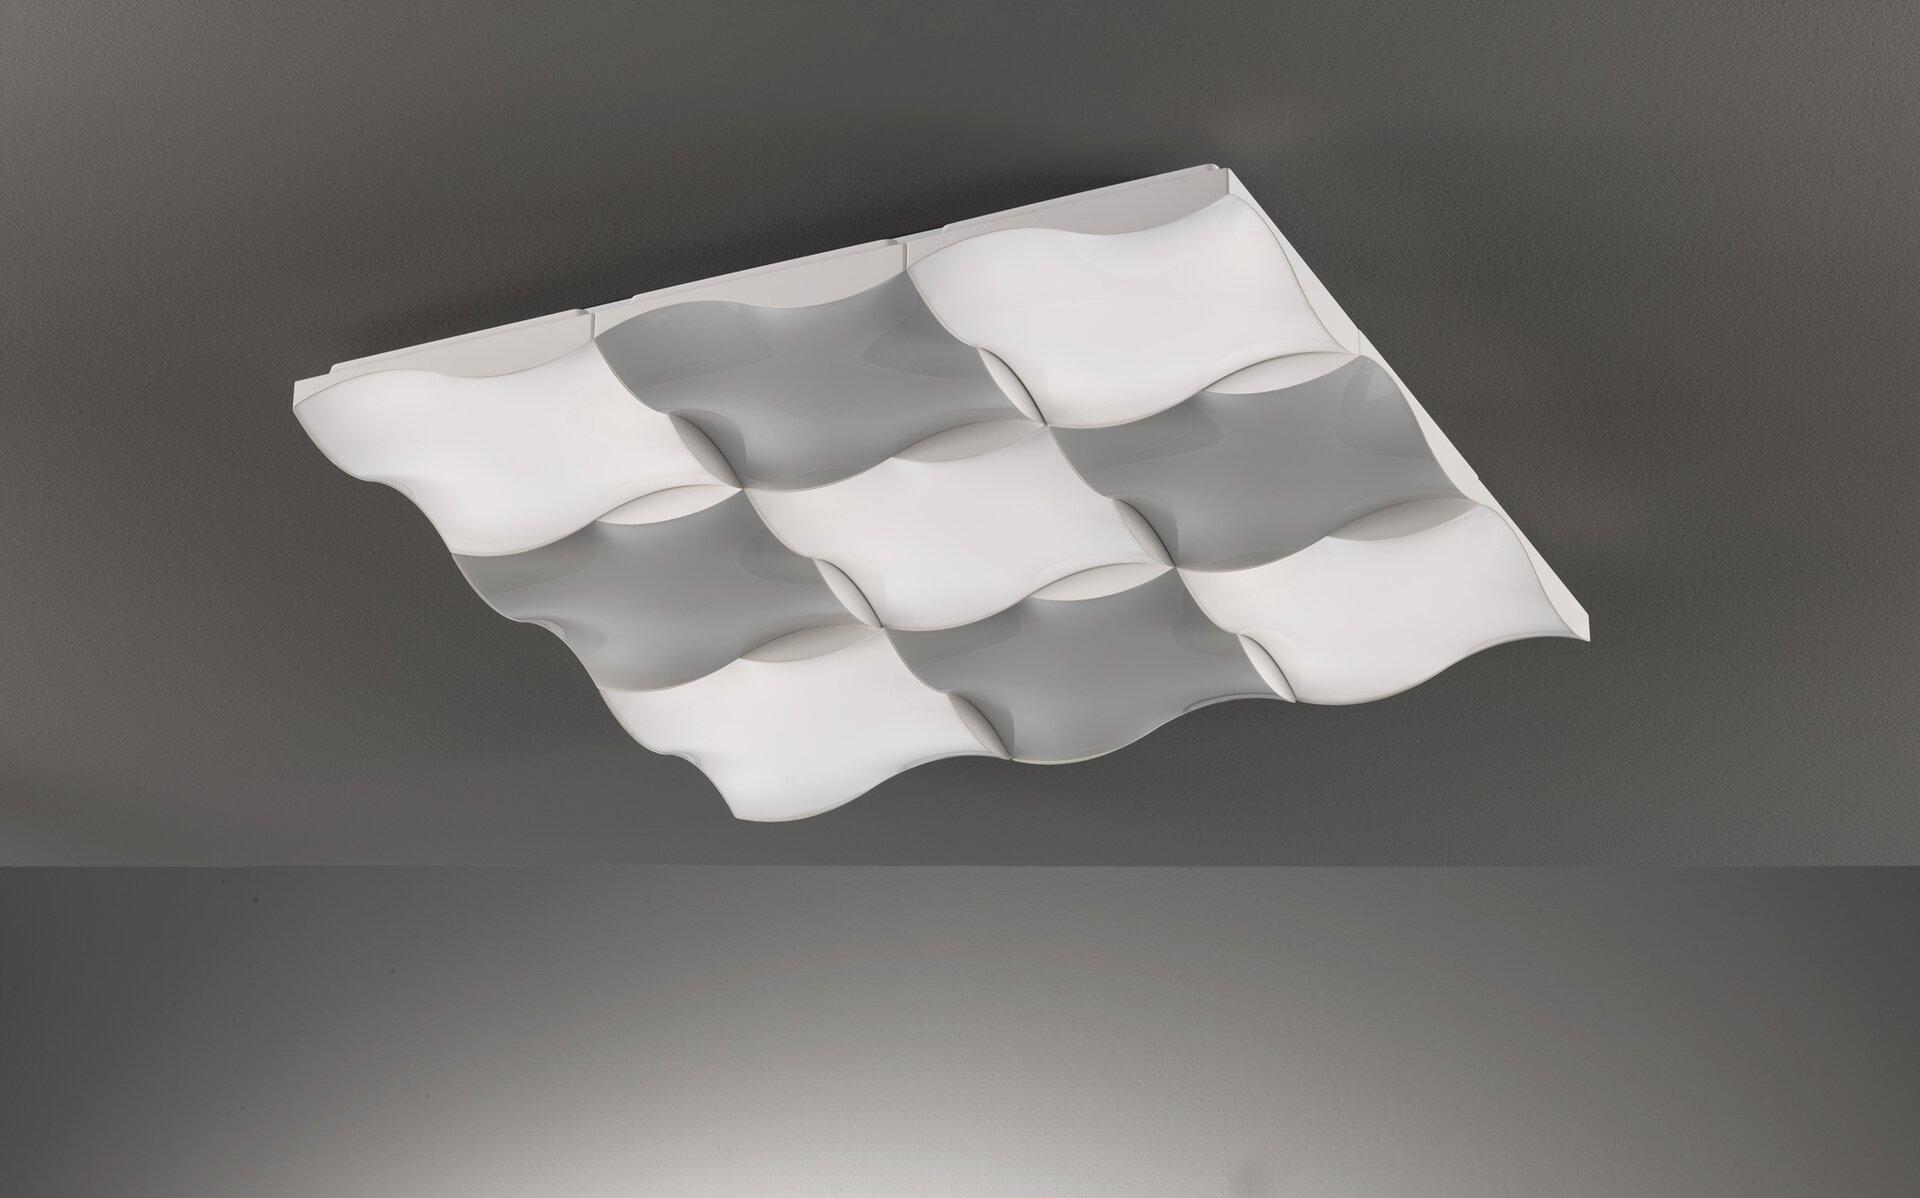 Deckenleuchte Dirk Fischer-Honsel Kunststoff weiß 81 x 9 x 81 cm